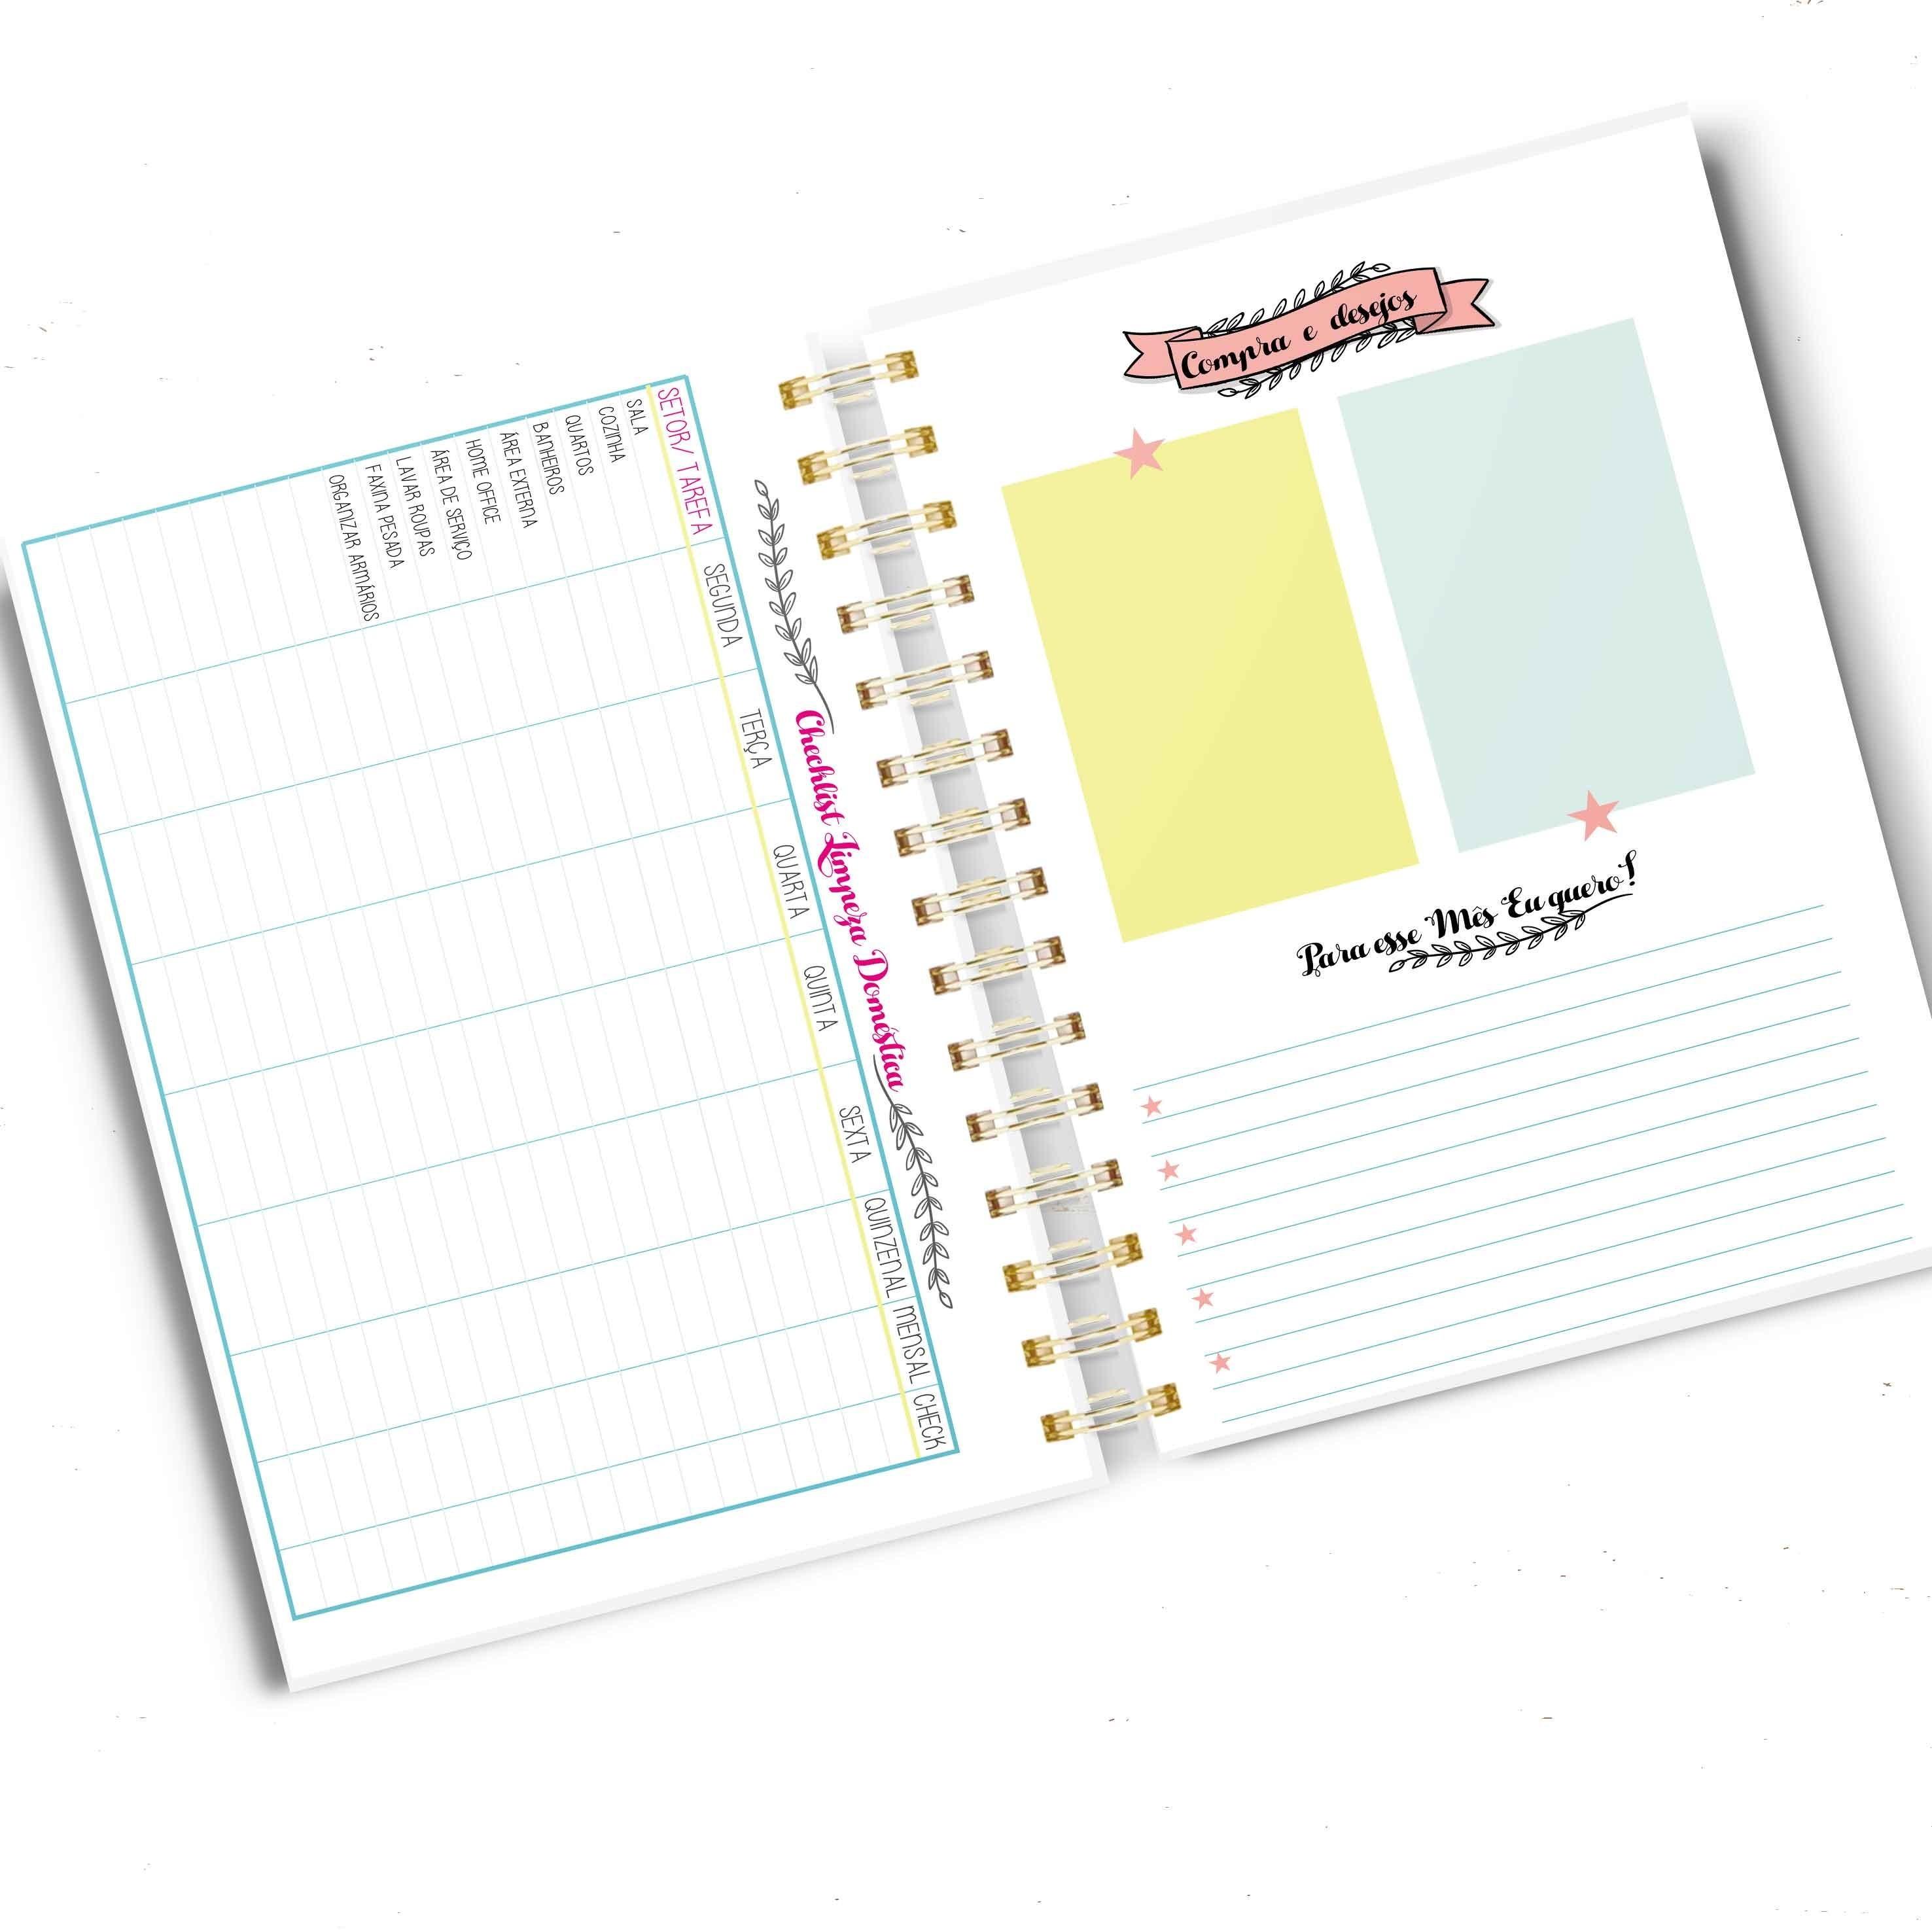 Informacion Calendario 2019 Datas emorativas